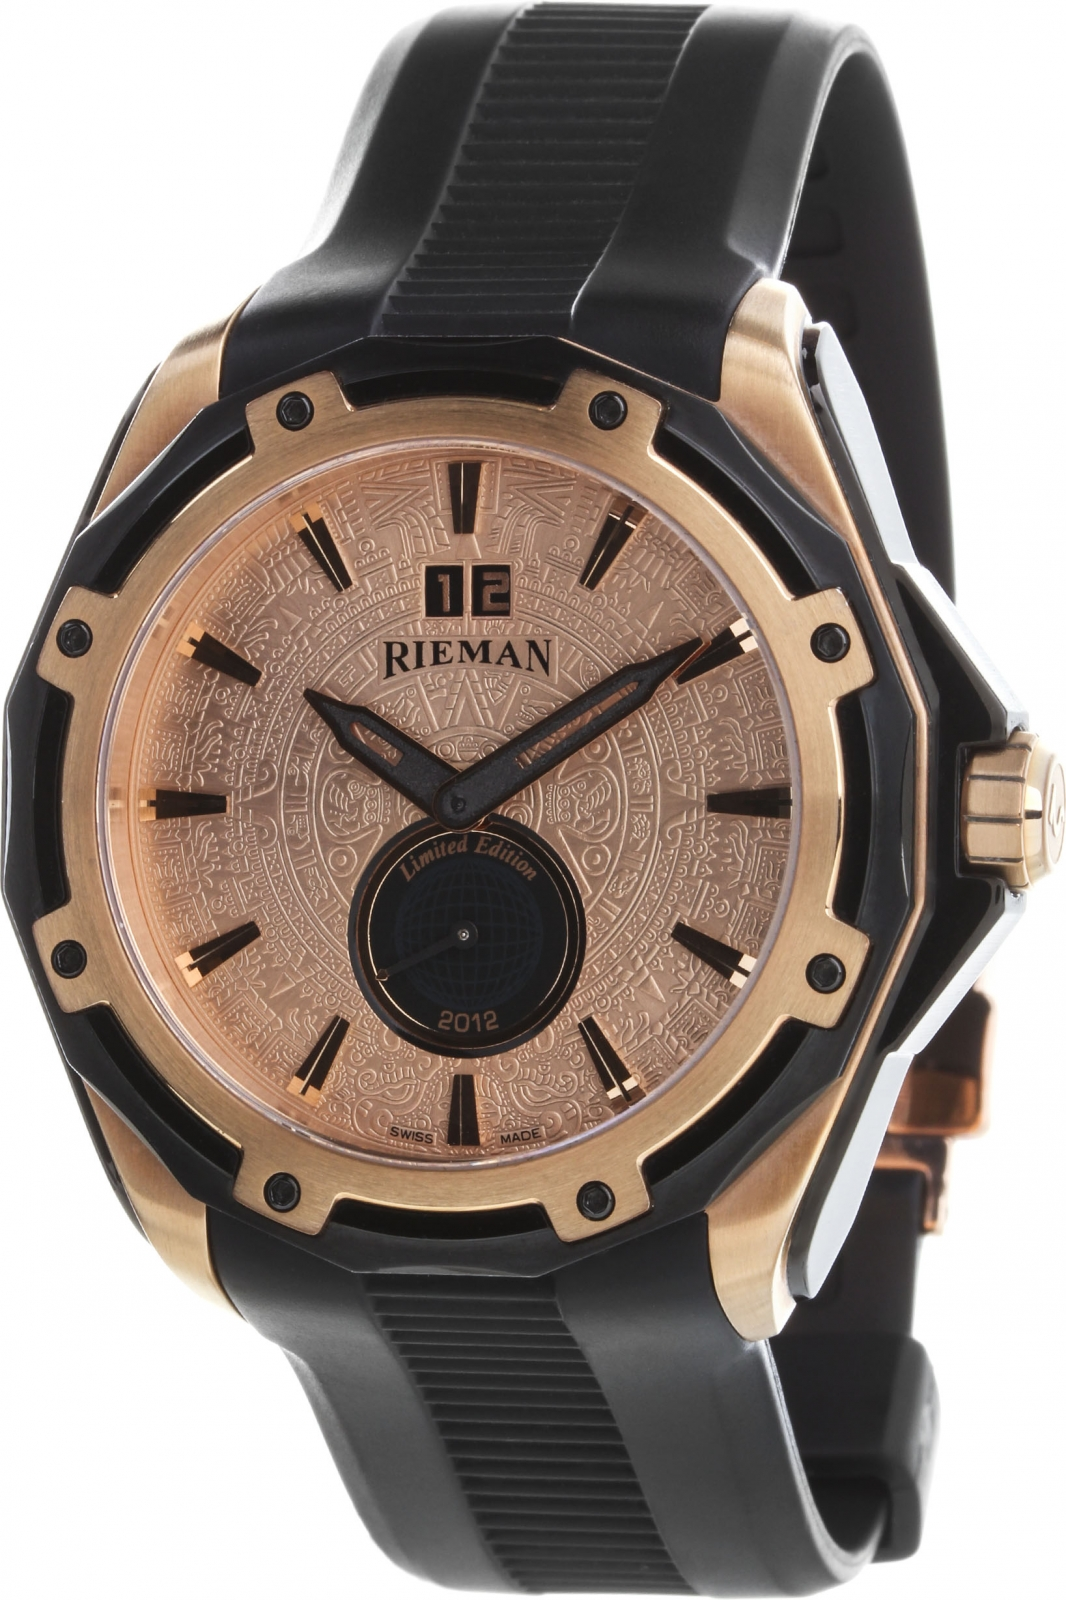 Rieman Outspace R4128.ESH.516Наручные часы<br>Швейцарские часы Rieman Outspace R4128.ESH.516Часы входят в модельный ряд коллекции Outspace. Это стильные мужские часы. Материал корпуса часов — сталь+золото. В этой модели стоит сапфировое стекло. Часы этой модели обладают водозащитой 100 м.<br><br>Для кого?: Мужские<br>Страна-производитель: Швейцария<br>Механизм: Кварцевый<br>Материал корпуса: Сталь+Золото<br>Материал ремня/браслета: Каучук<br>Водозащита, диапазон: 100 - 150 м<br>Стекло: Сапфировое<br>Толщина корпуса: None<br>Стиль: None